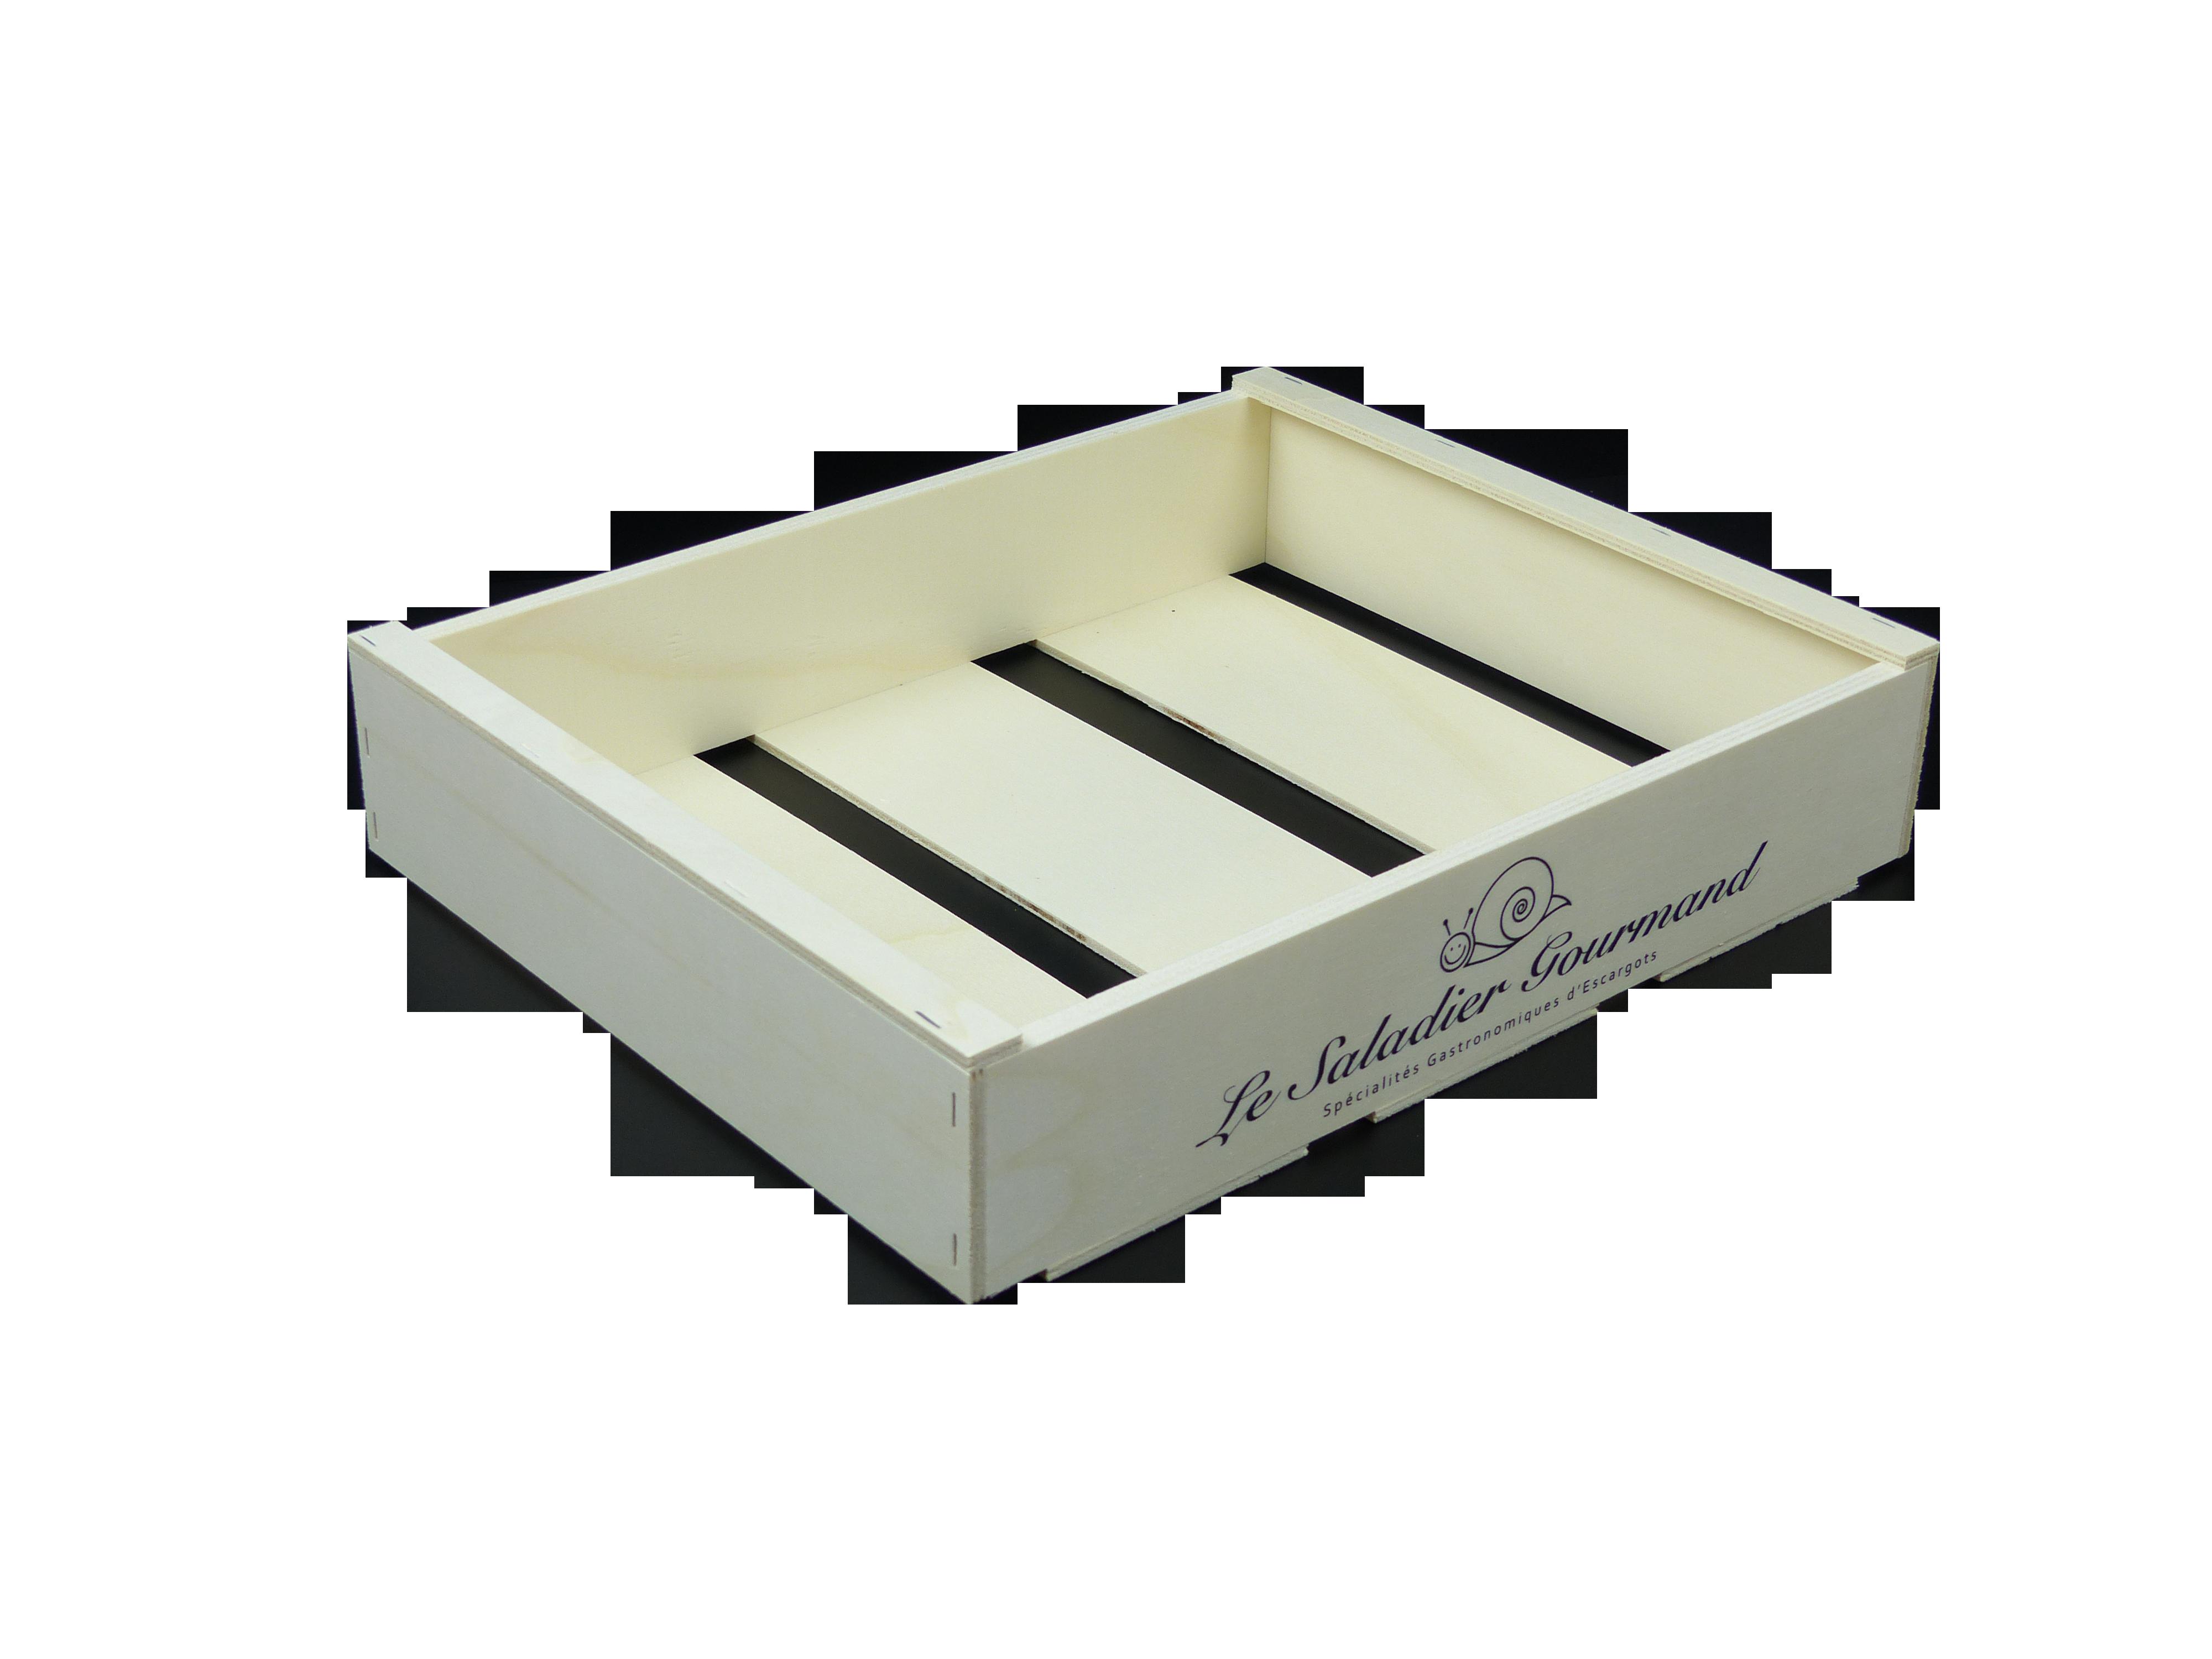 caissette terroir 25x32x6